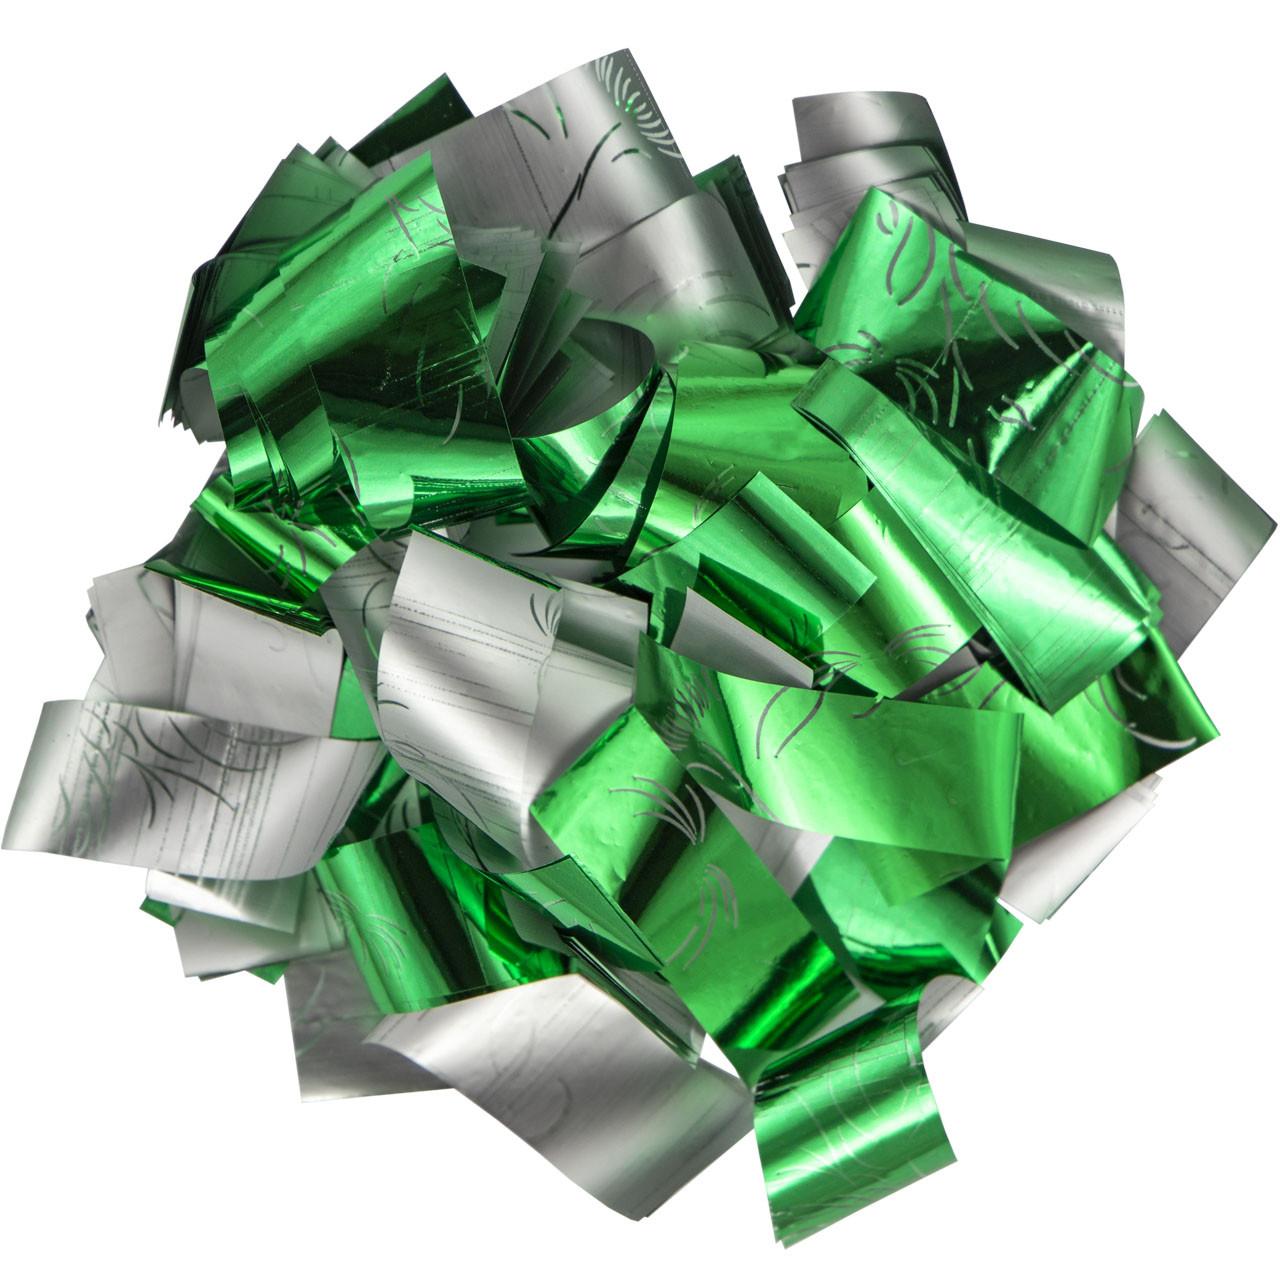 Конфетти-Метафан ЛК616 Зелено-Серебряный 2х6 1кг